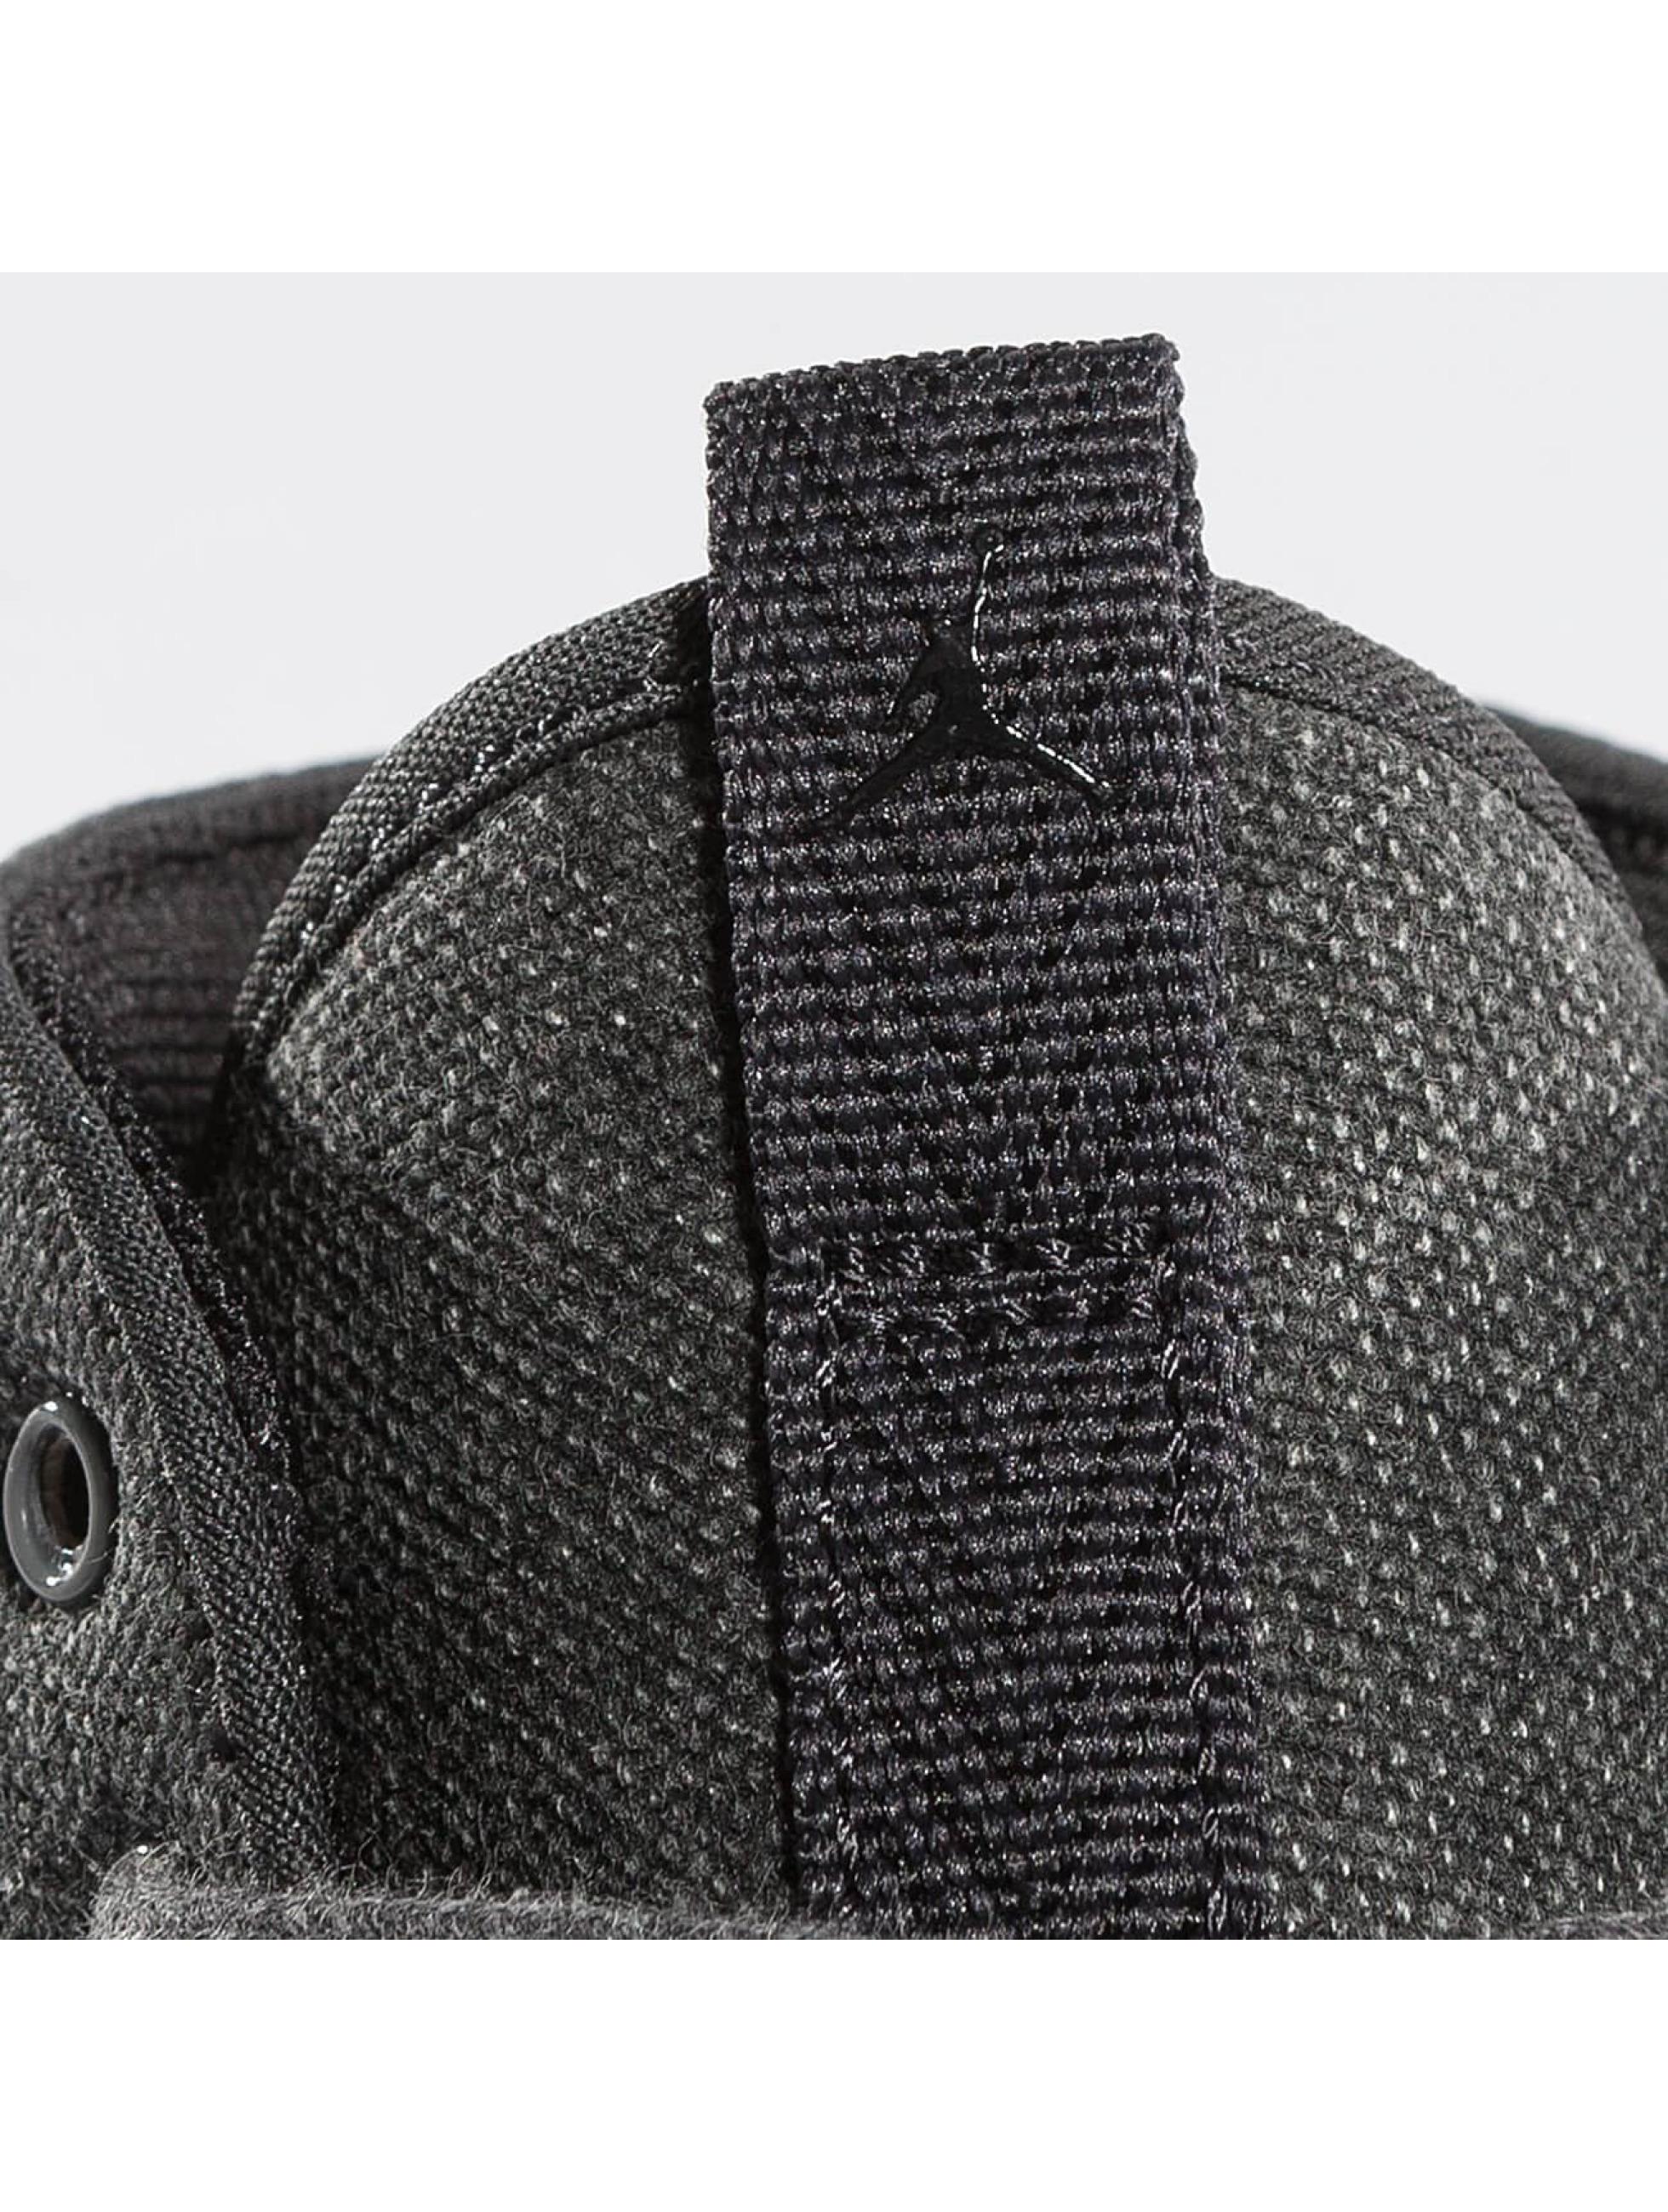 Jordan Sneakers Eclipse Chukka šedá